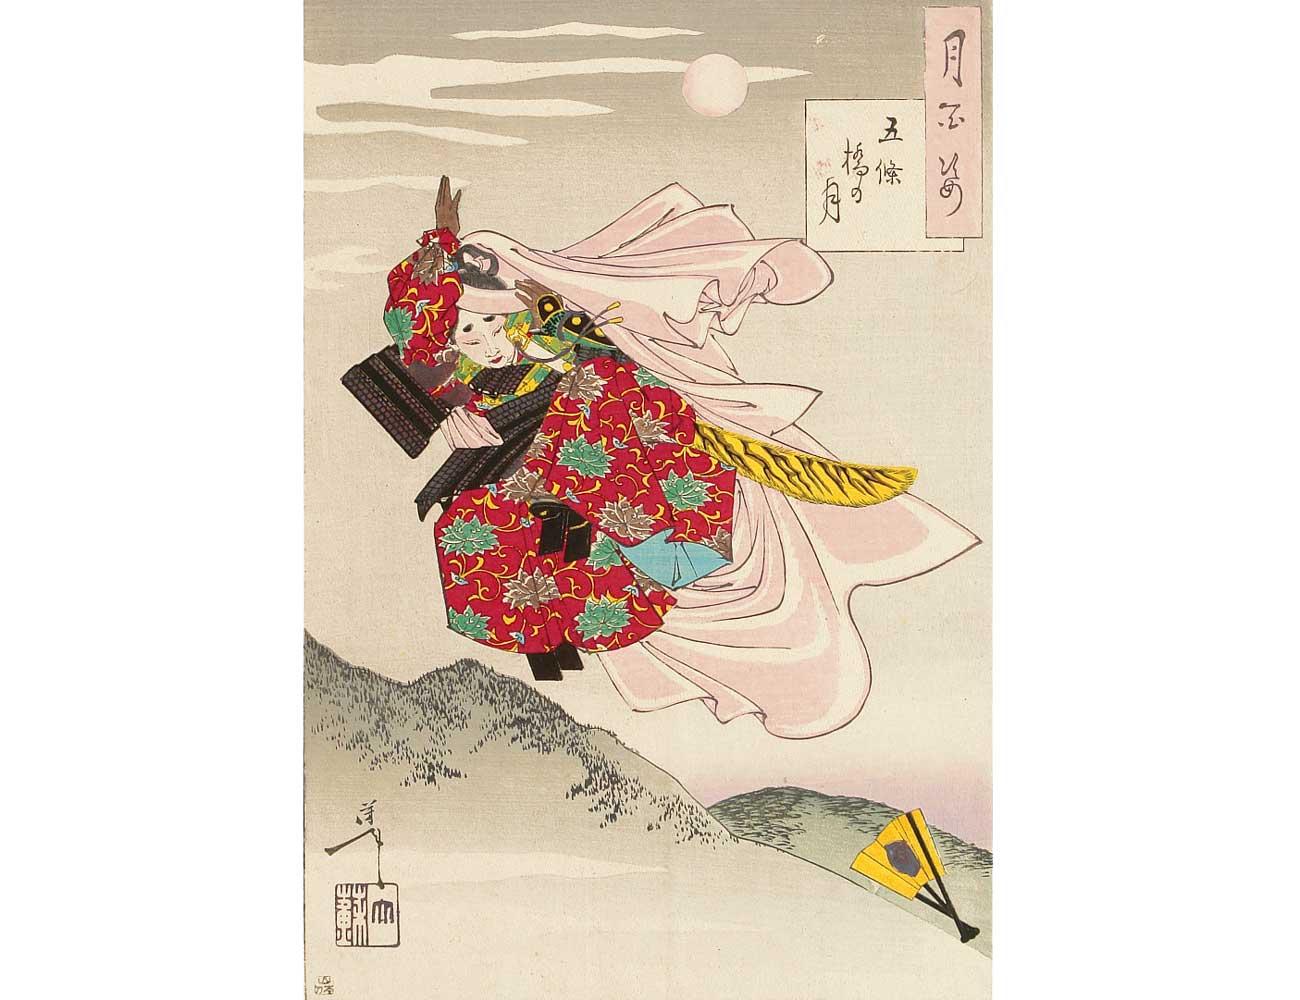 Moon over Gojo Bridge, Woodblock Print by Tsukioka Yoshitoshi, 1888